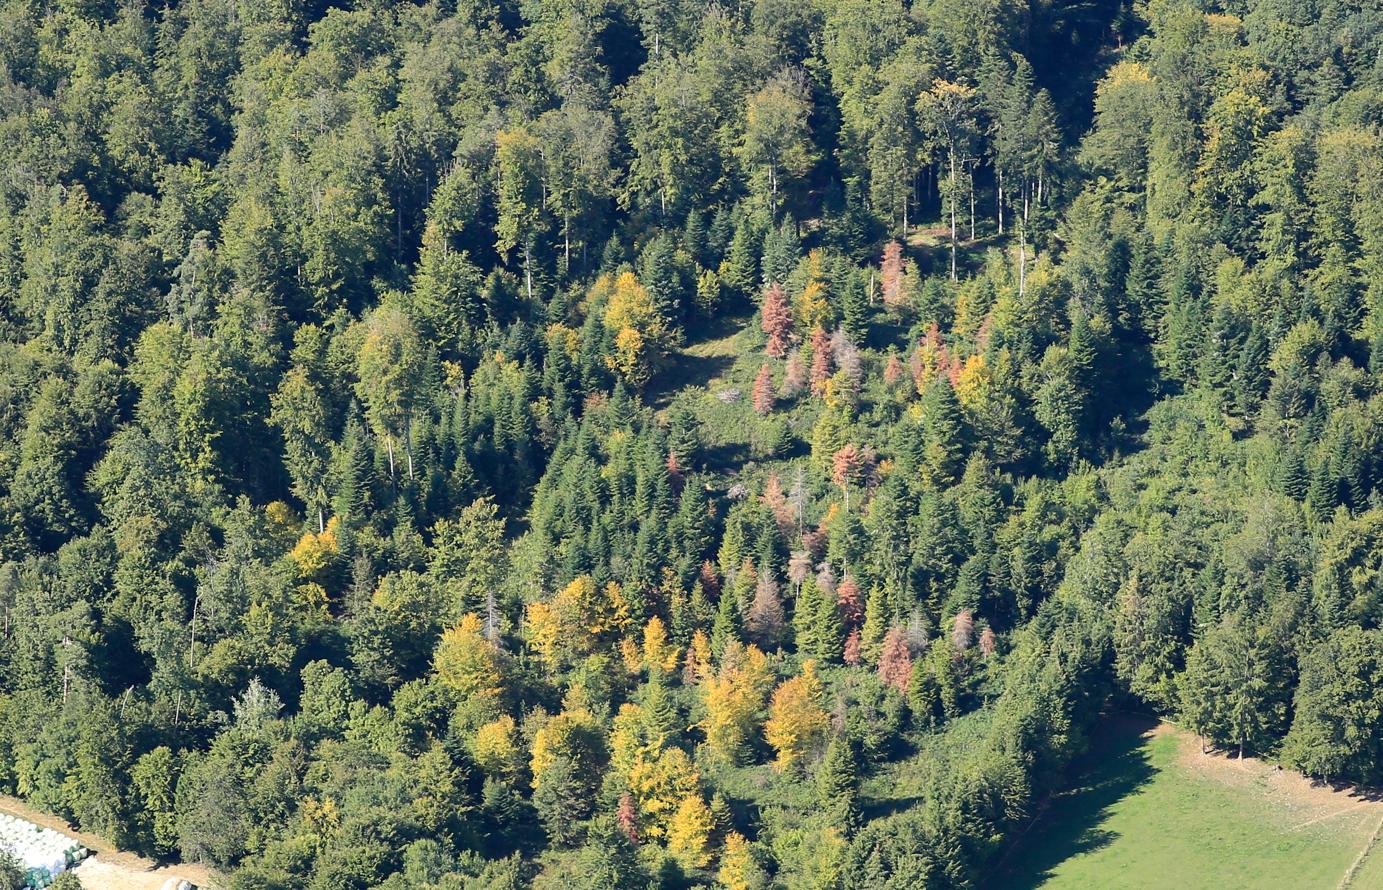 Neue biotische Bedrohungen für den Wald